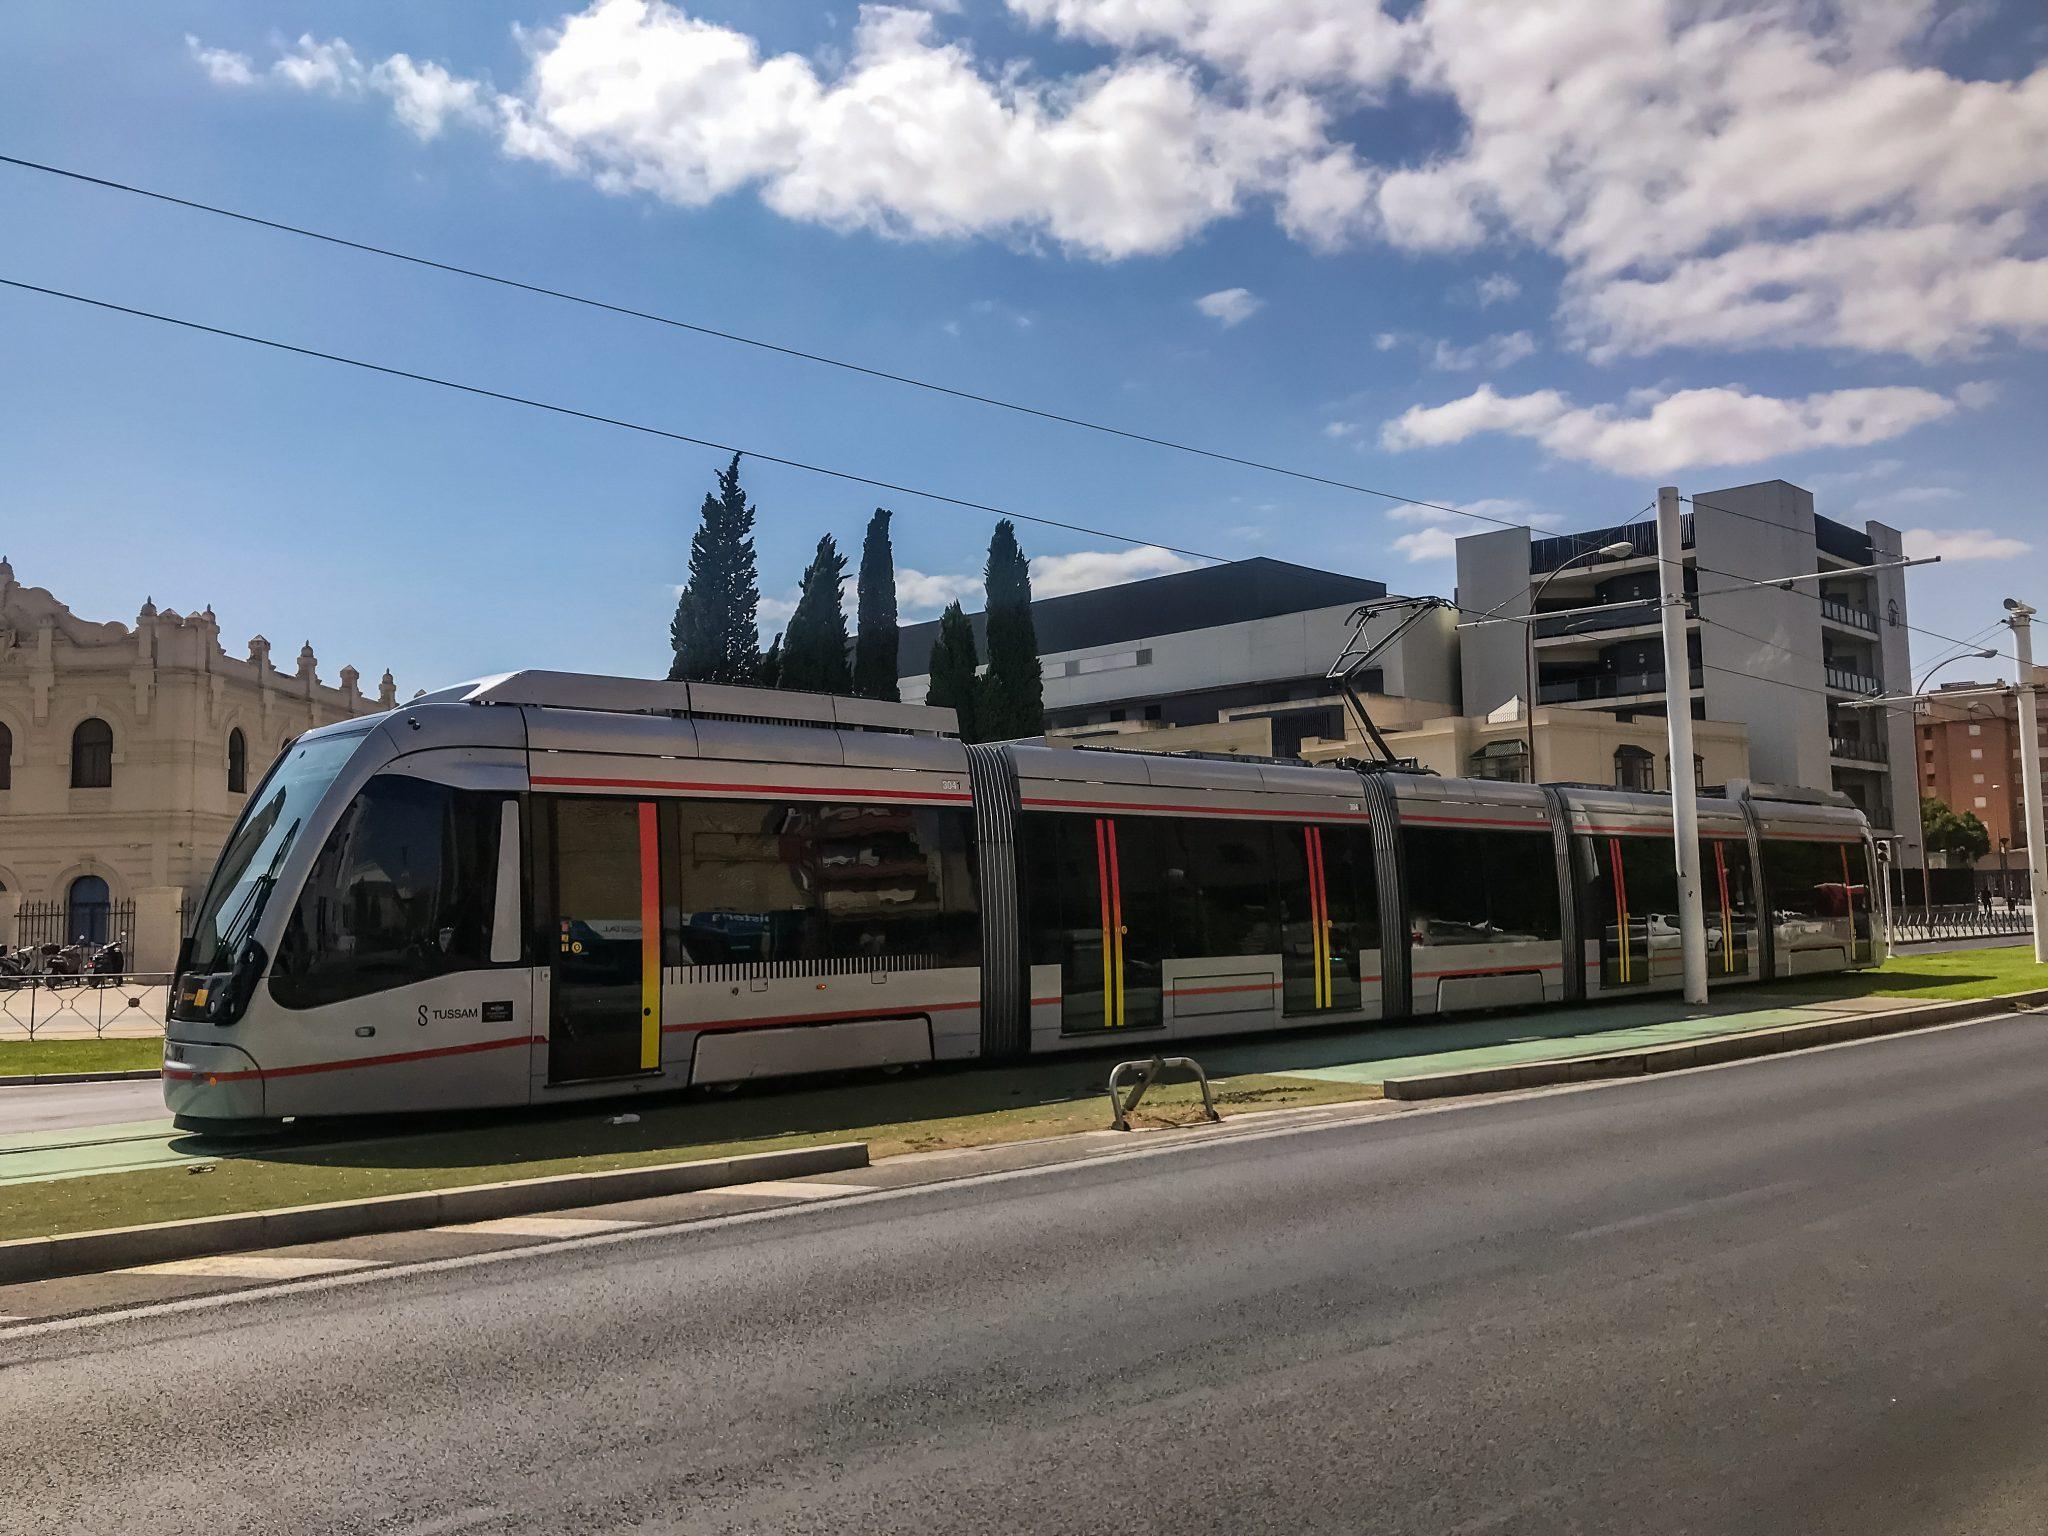 Die Tram in Sevilla fährt insgesamt eine Strecke von 1,4 km.